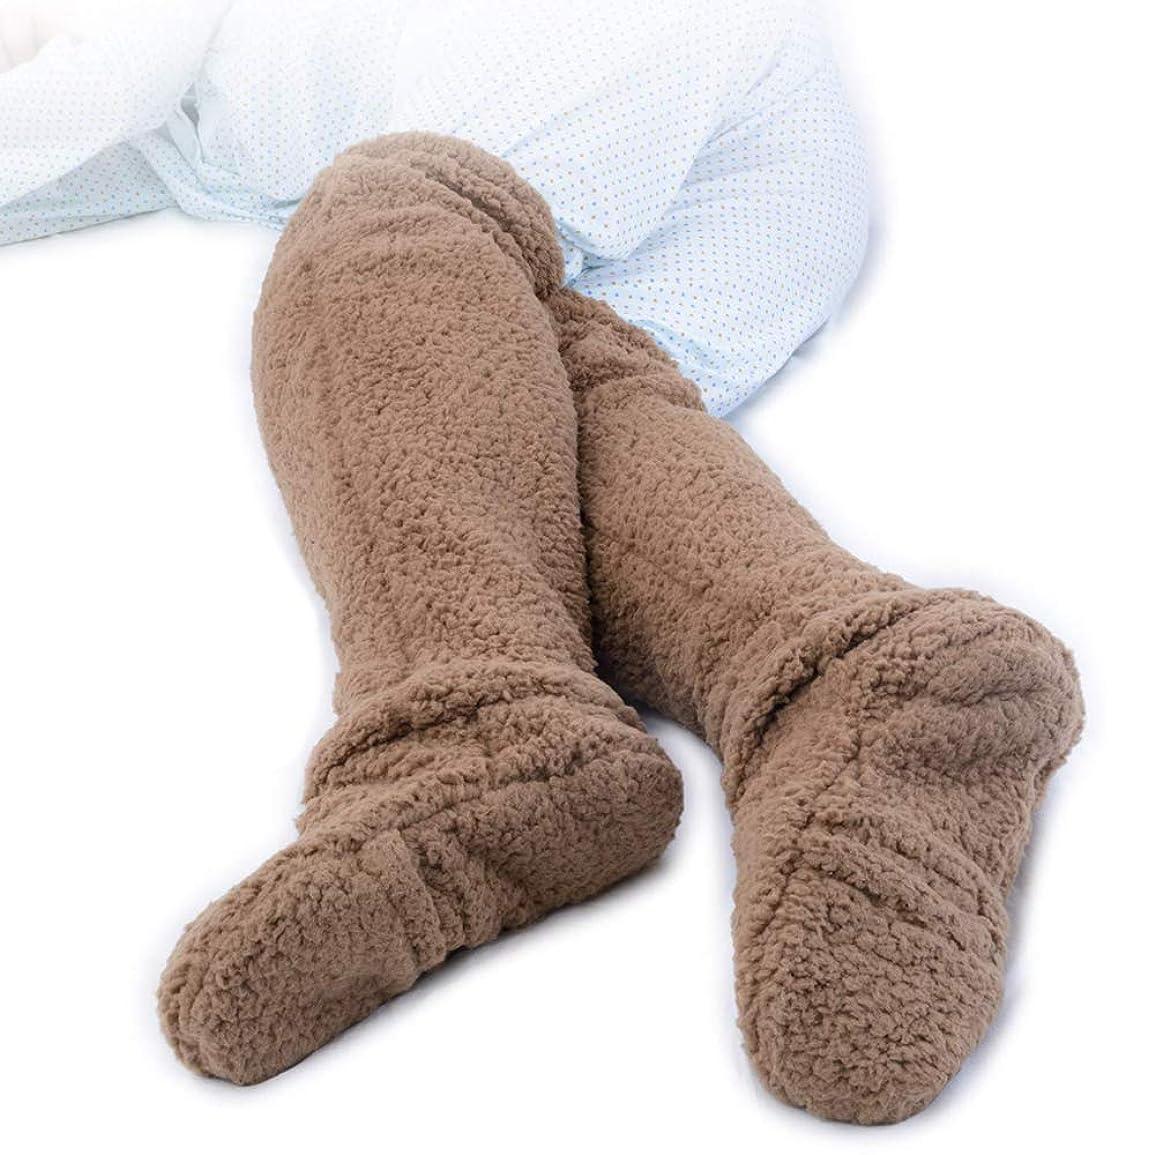 ゆりかご煙バナナヒートソックス,Enteriza 極暖 防寒 足が出せるロングカバー あったかグッズ ルームシューズ 男女兼用 2重フリース生地 室内履き 軽量 洗える